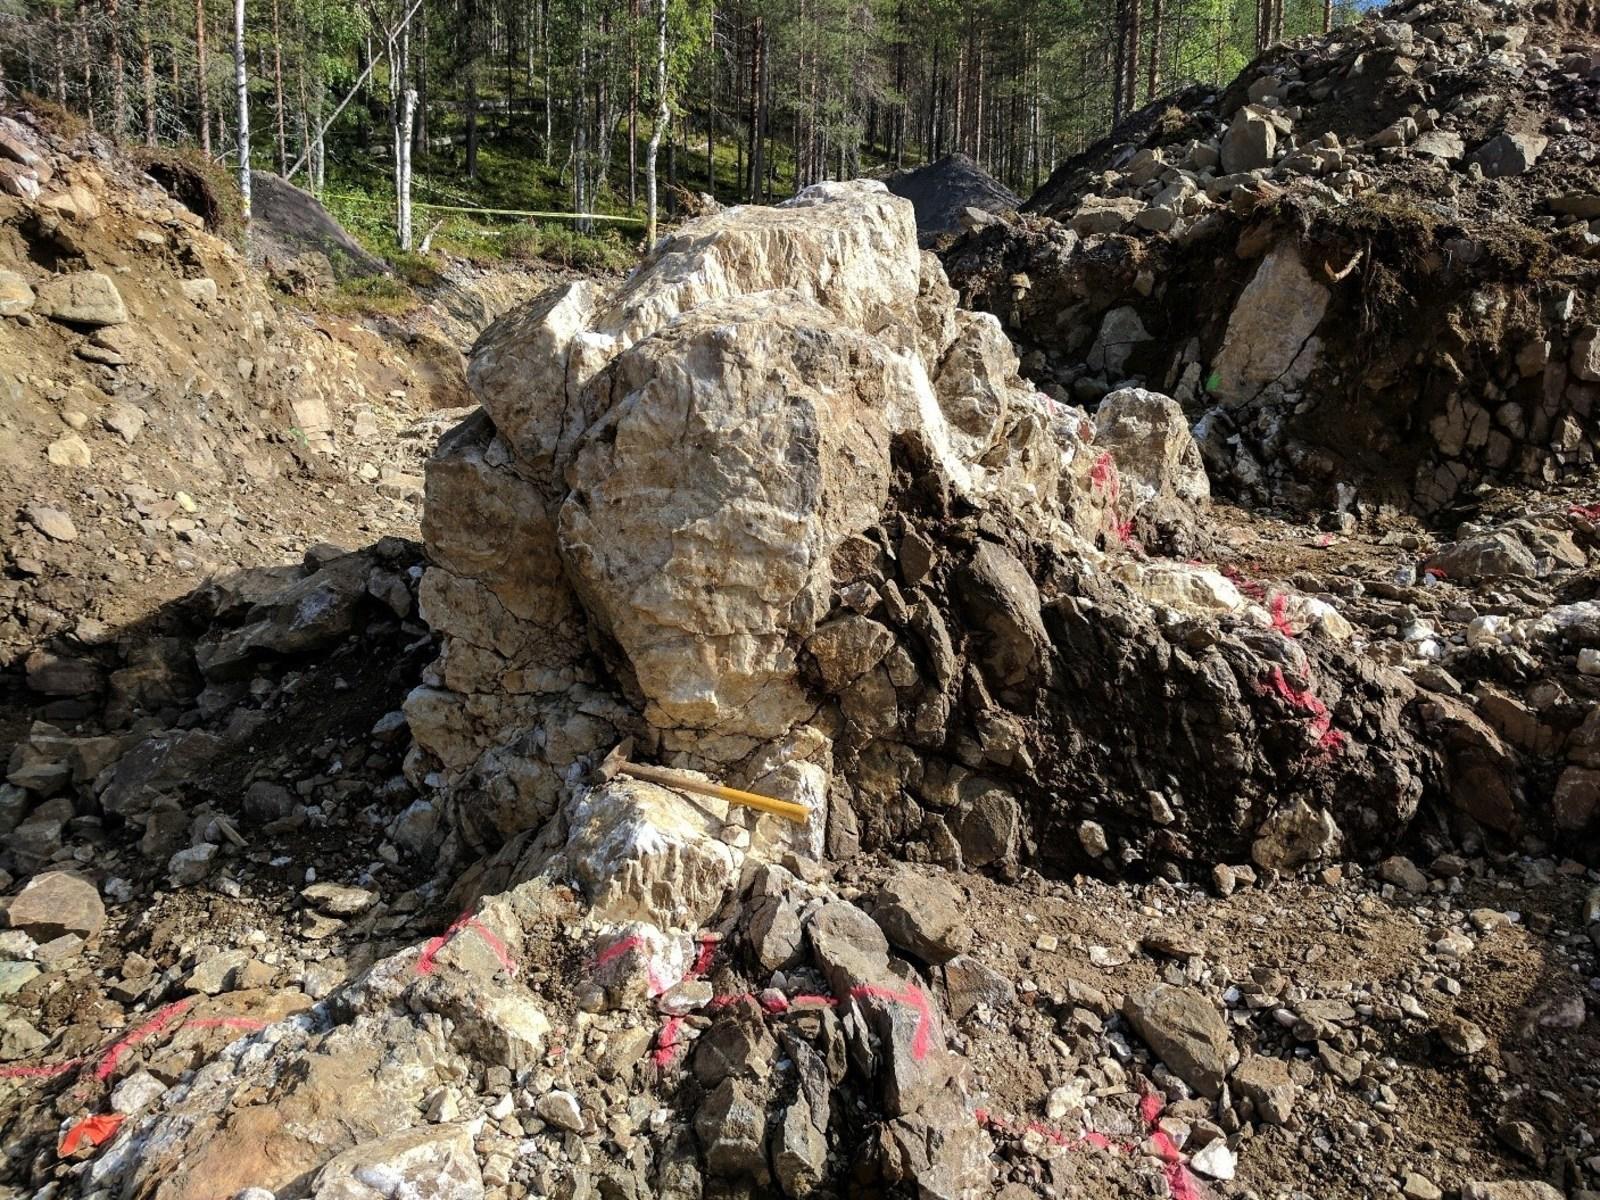 Aamurusko West; Quartz veins in trench.